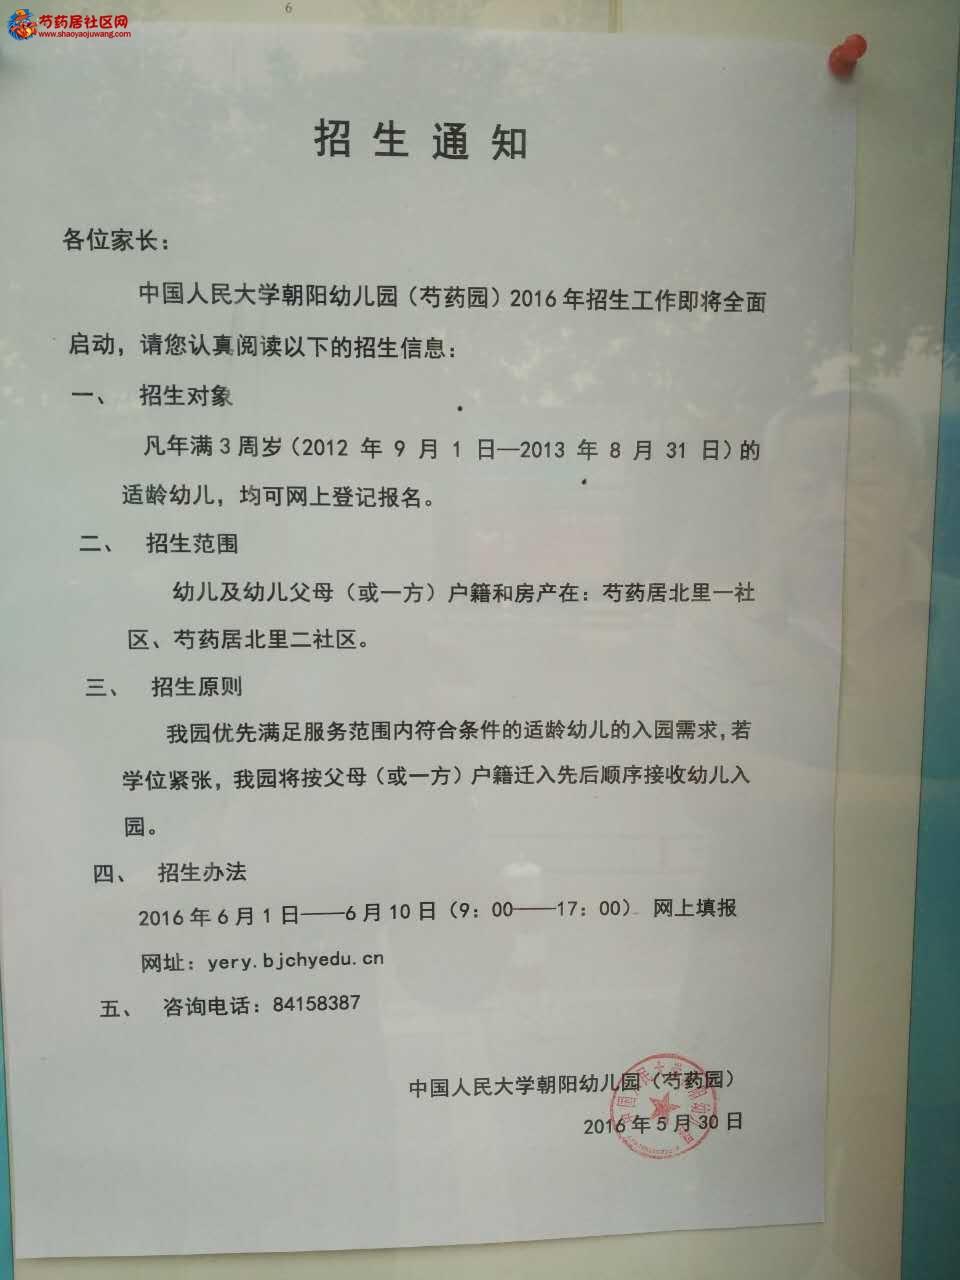 2016年5月30日幼儿园招生通知